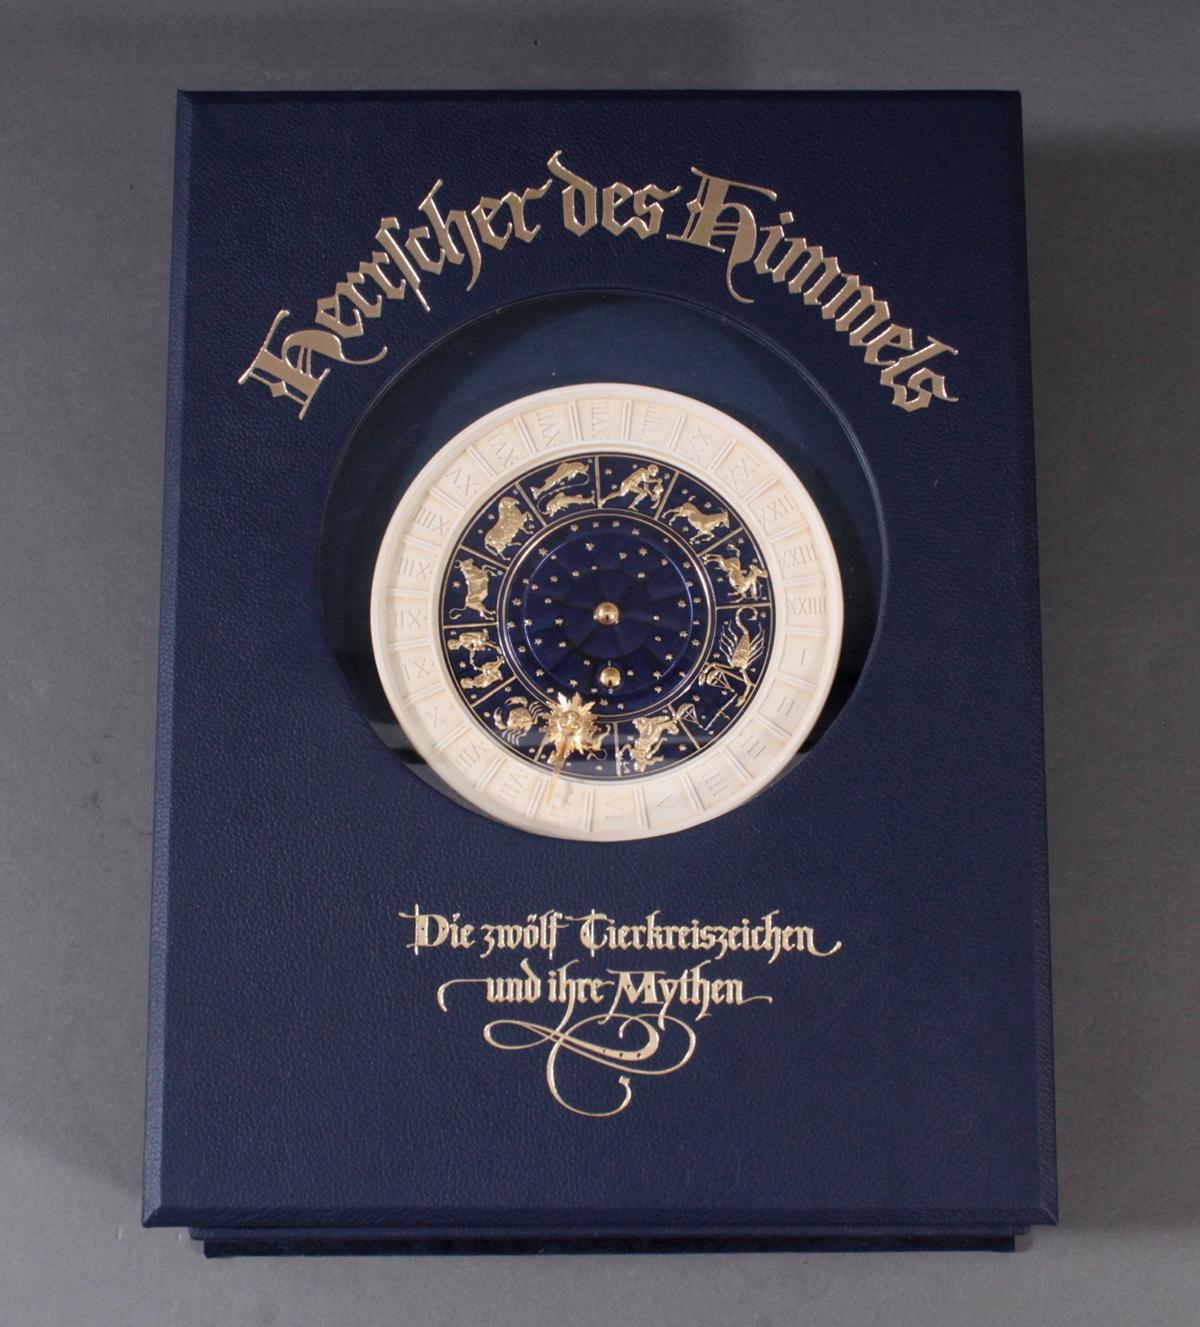 Herrscher des Himmels, Faksimile, Coron Exclusiv Ausgabe